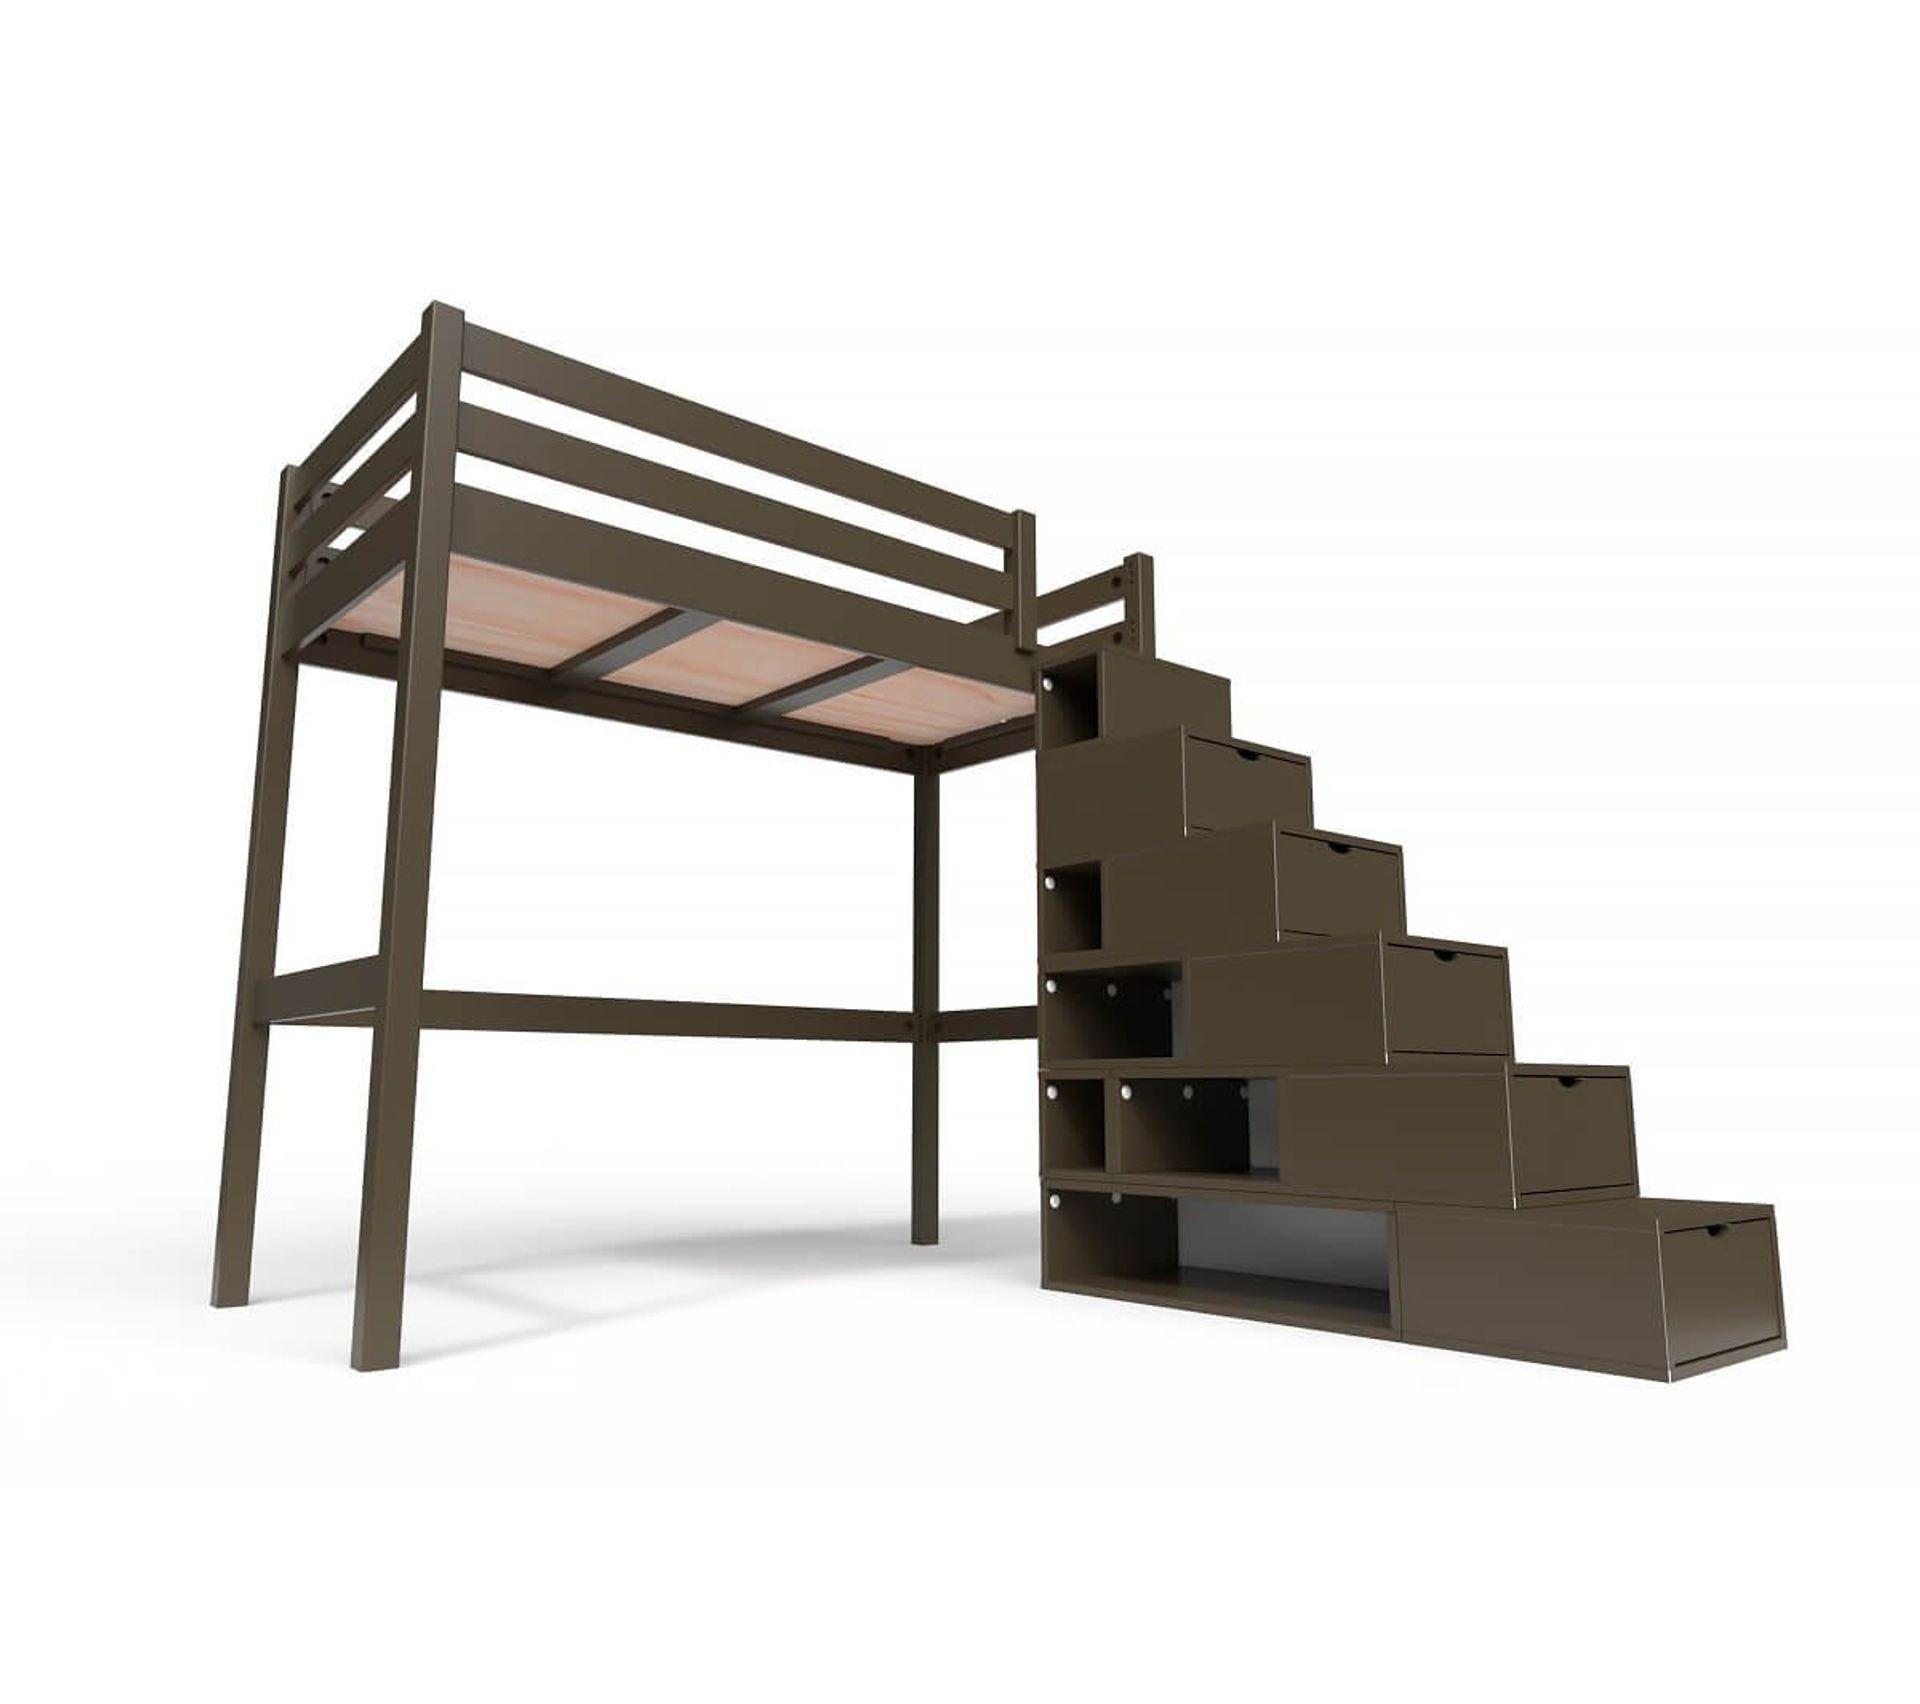 Lit Mezzanine Sylvia Avec Escalier Cube Bois, Couleur: Wengé, Dimensions: 90x200 - Lit superposé ...